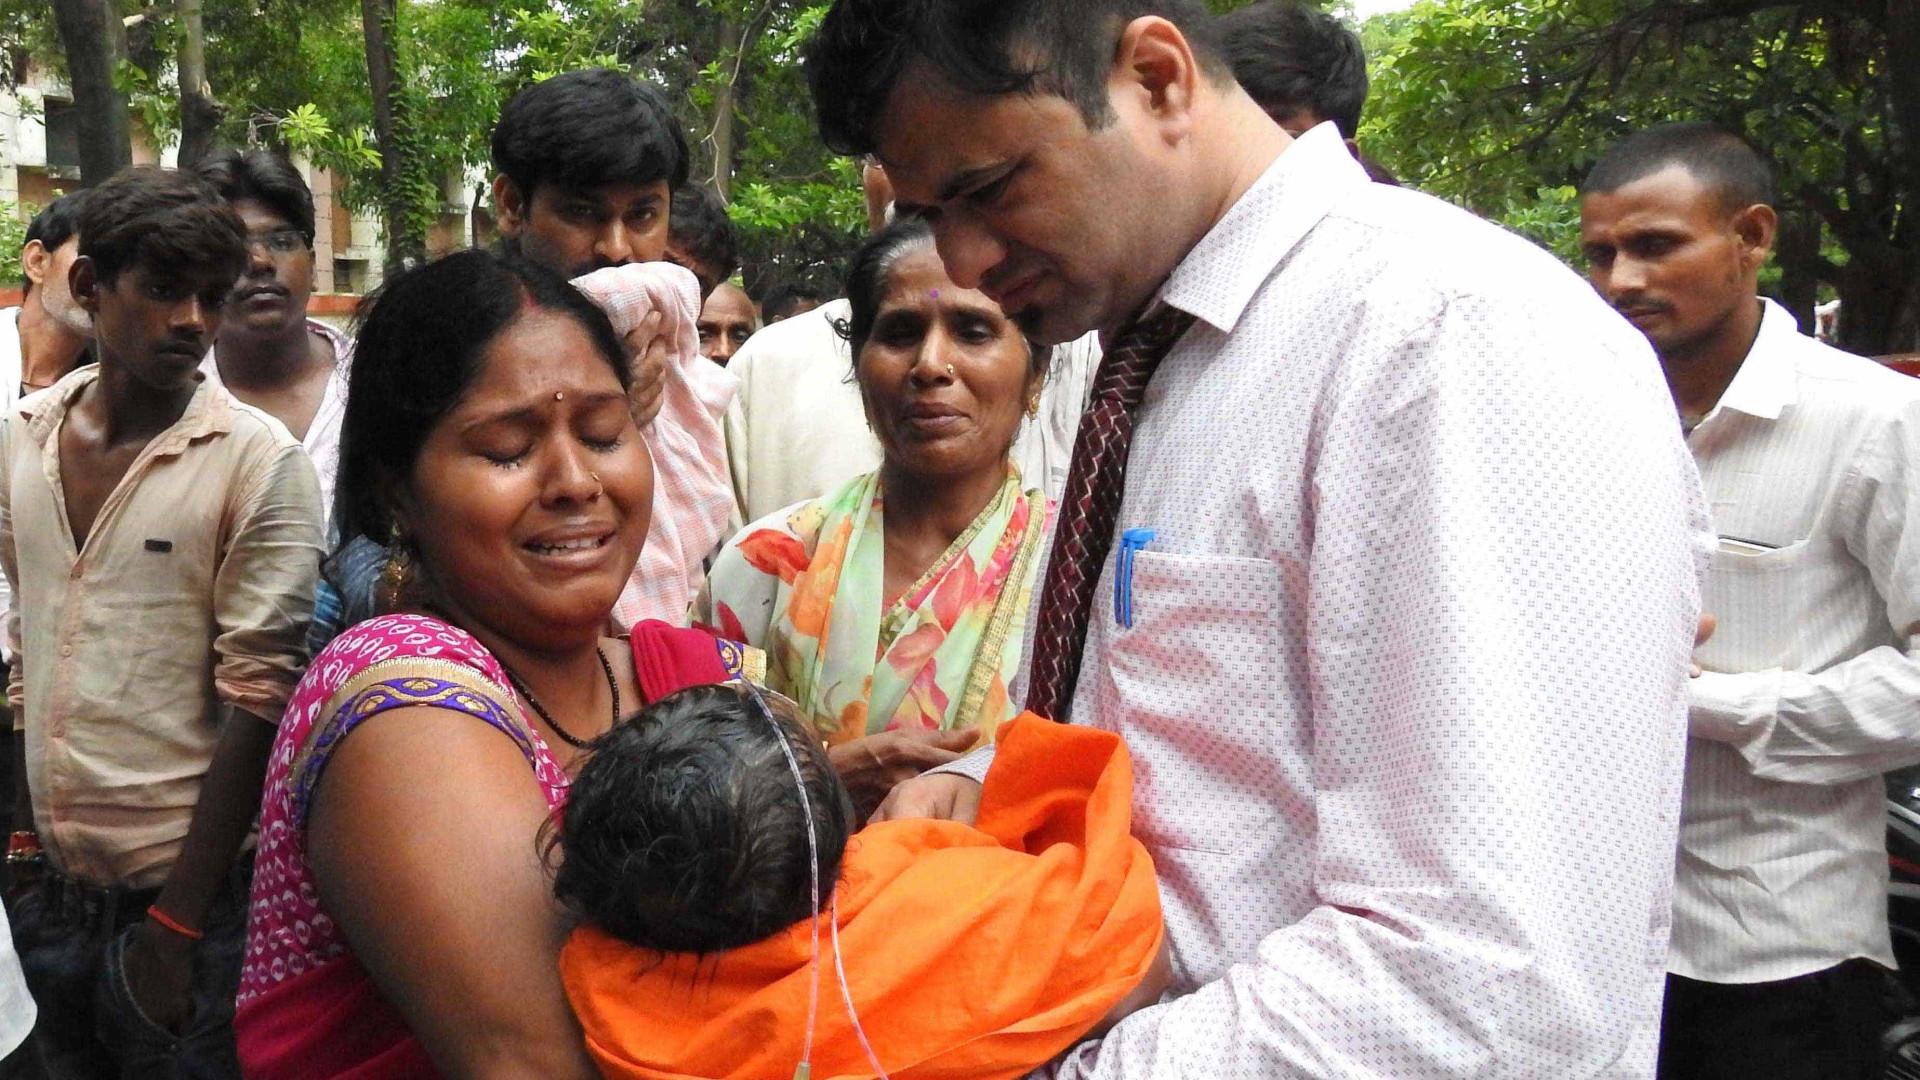 Morte de 63 crianças em hospital por alegada negligência investigada